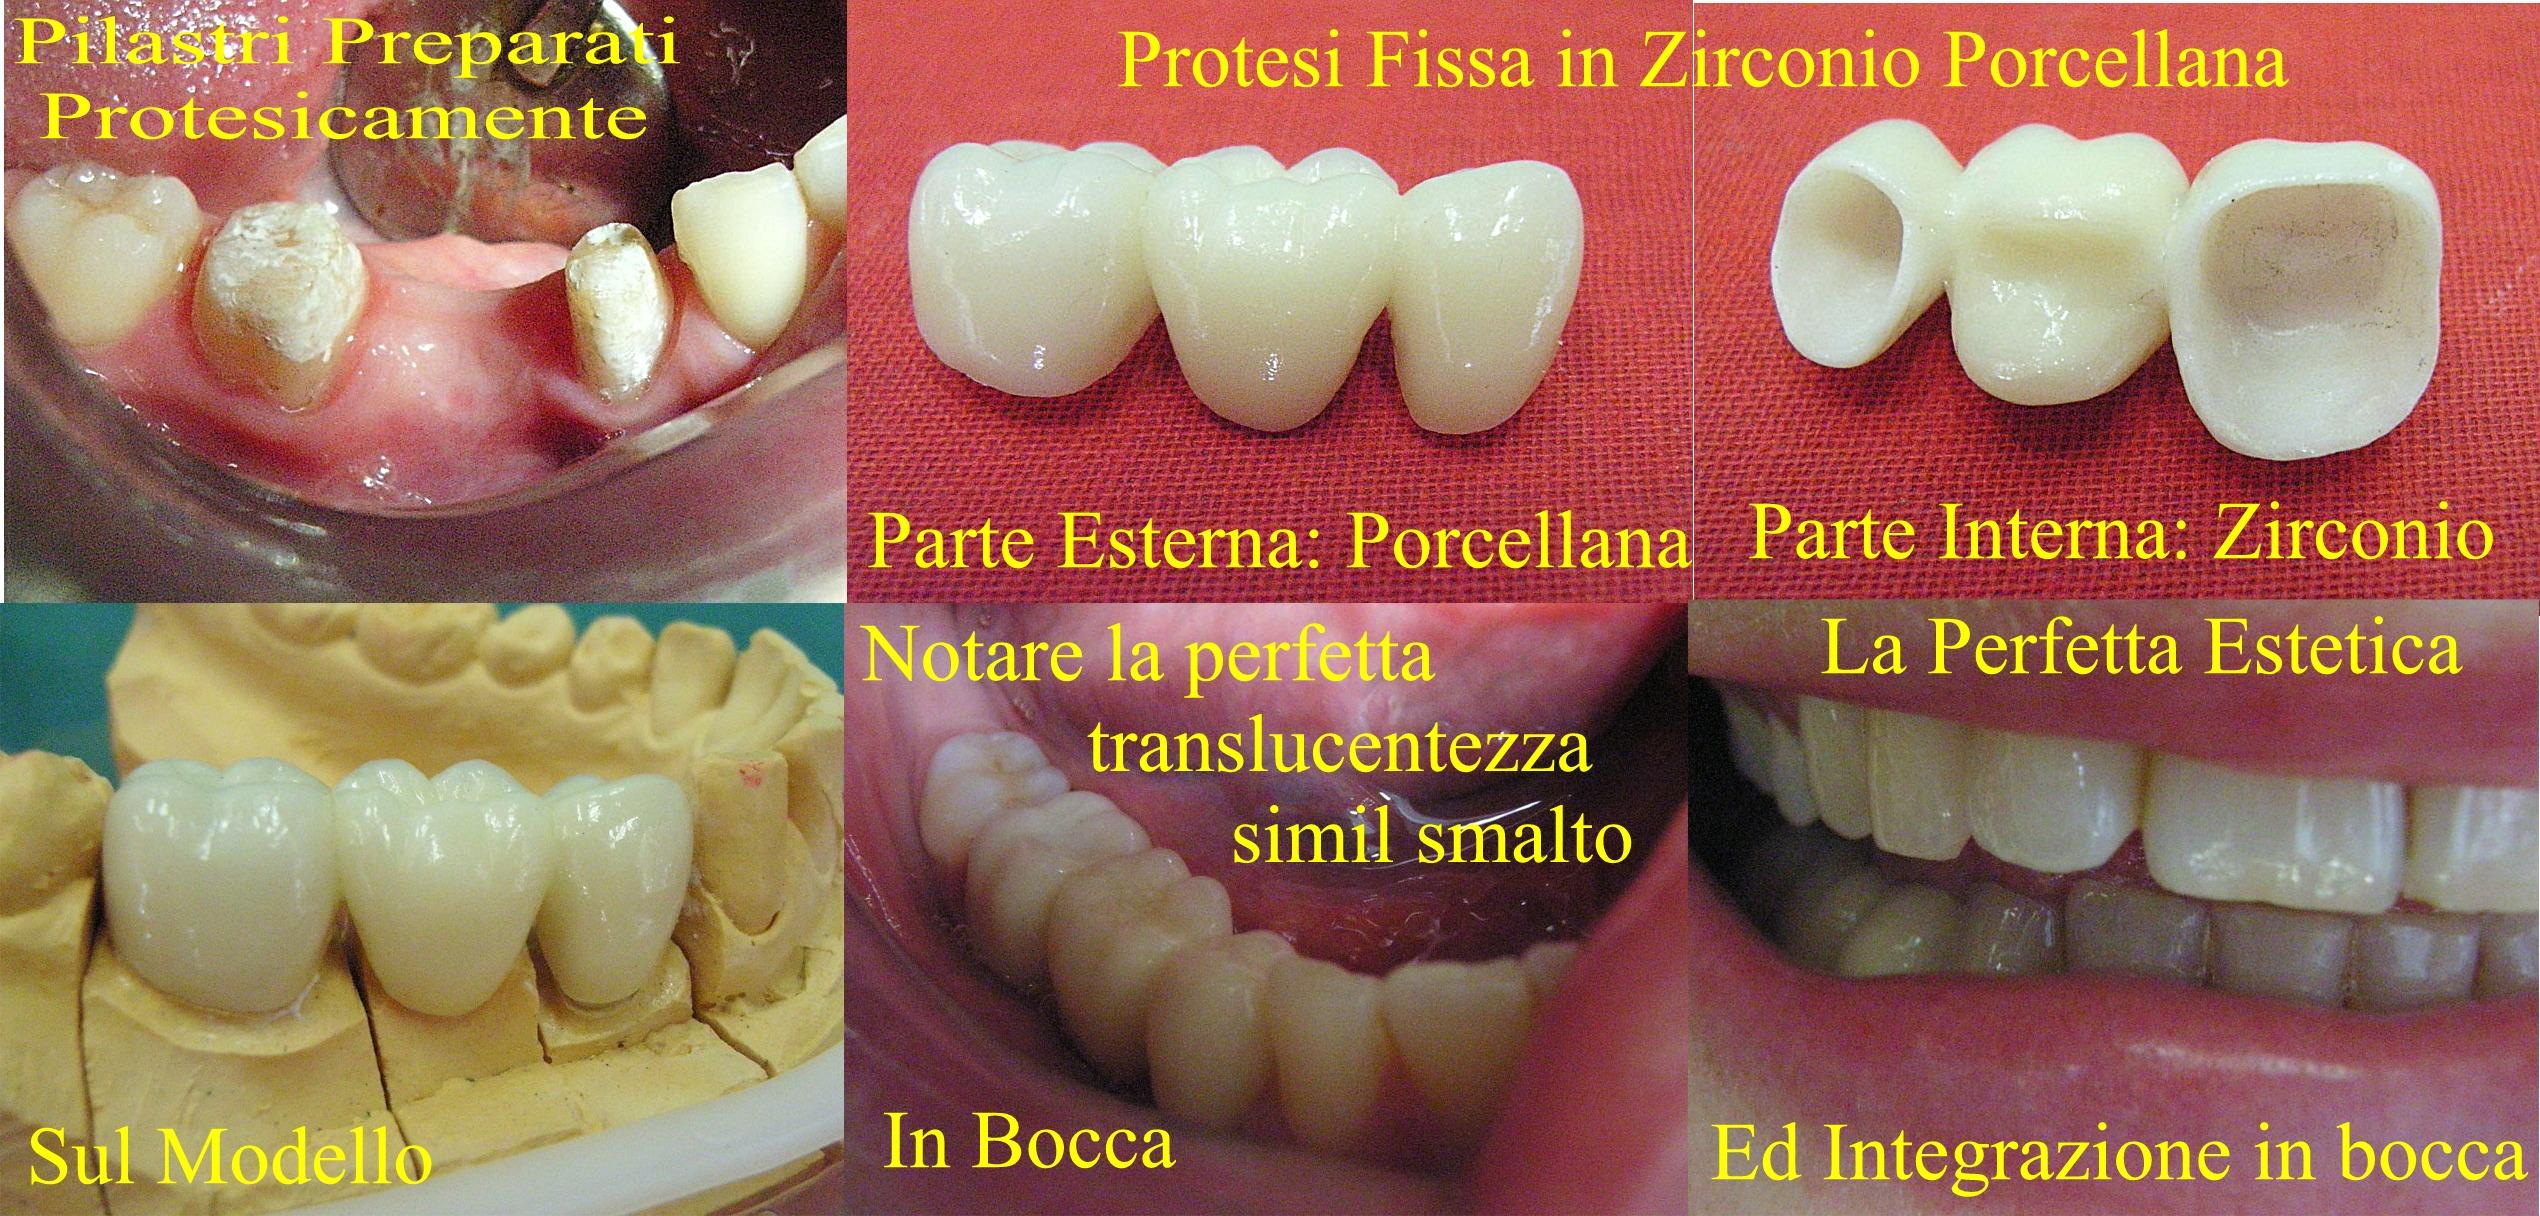 Zirconio ceramica con tecnica CAD CAM. Da casistica Dr. Gustavo e Dr.sssa Claudia Petti in CAgliari